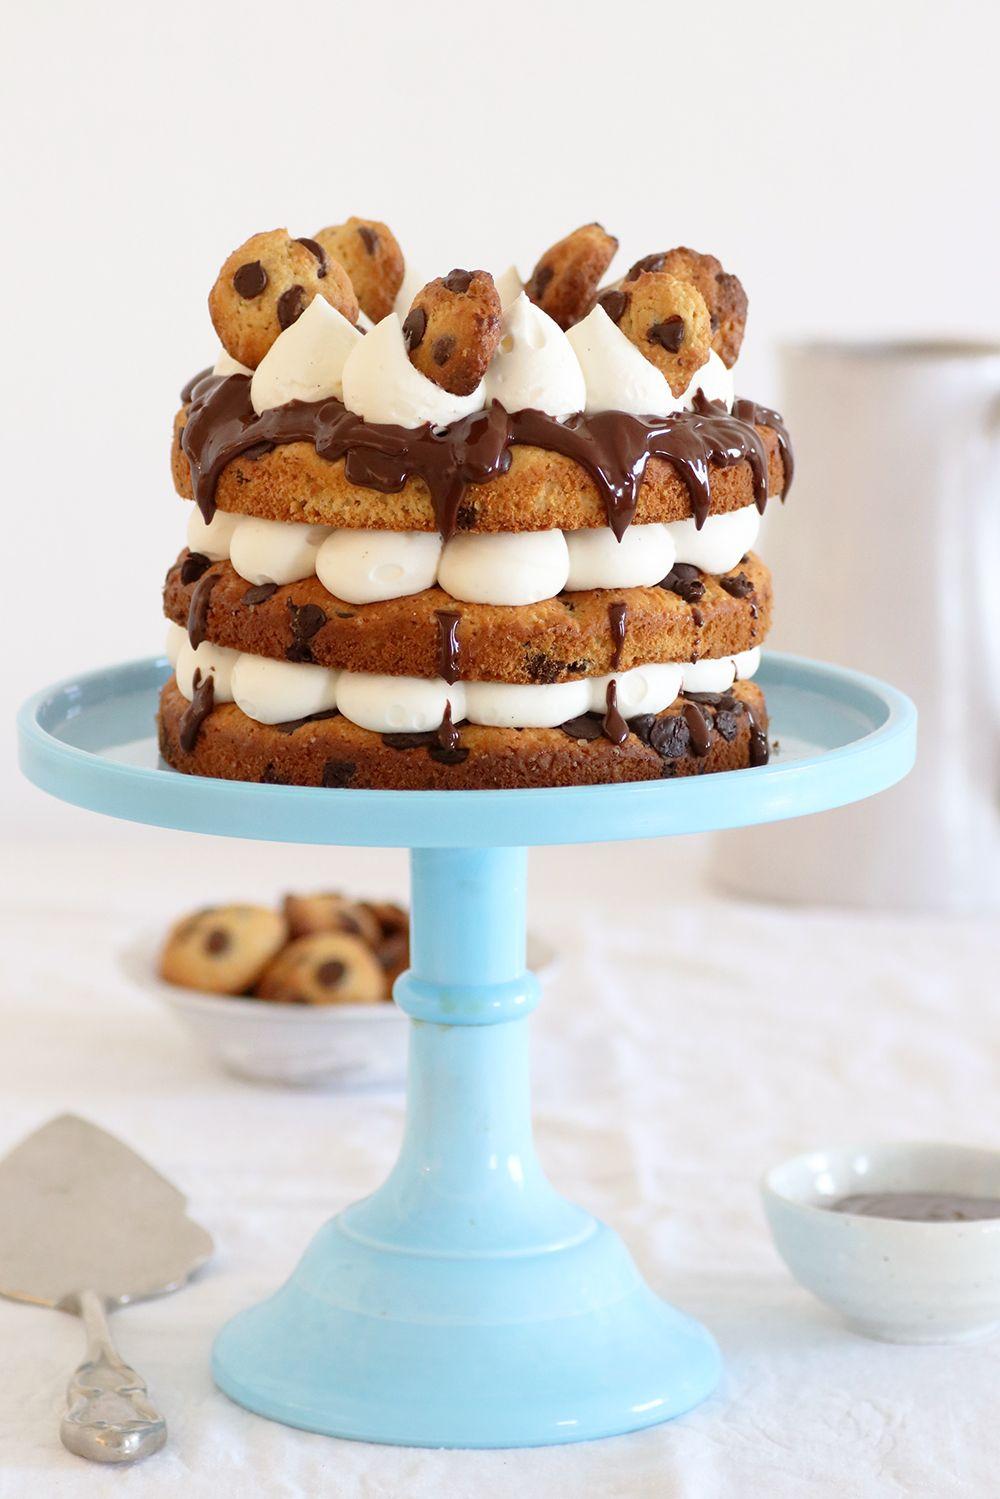 עוגת מילק אנד קוקיז | צילום: נטלי לוין